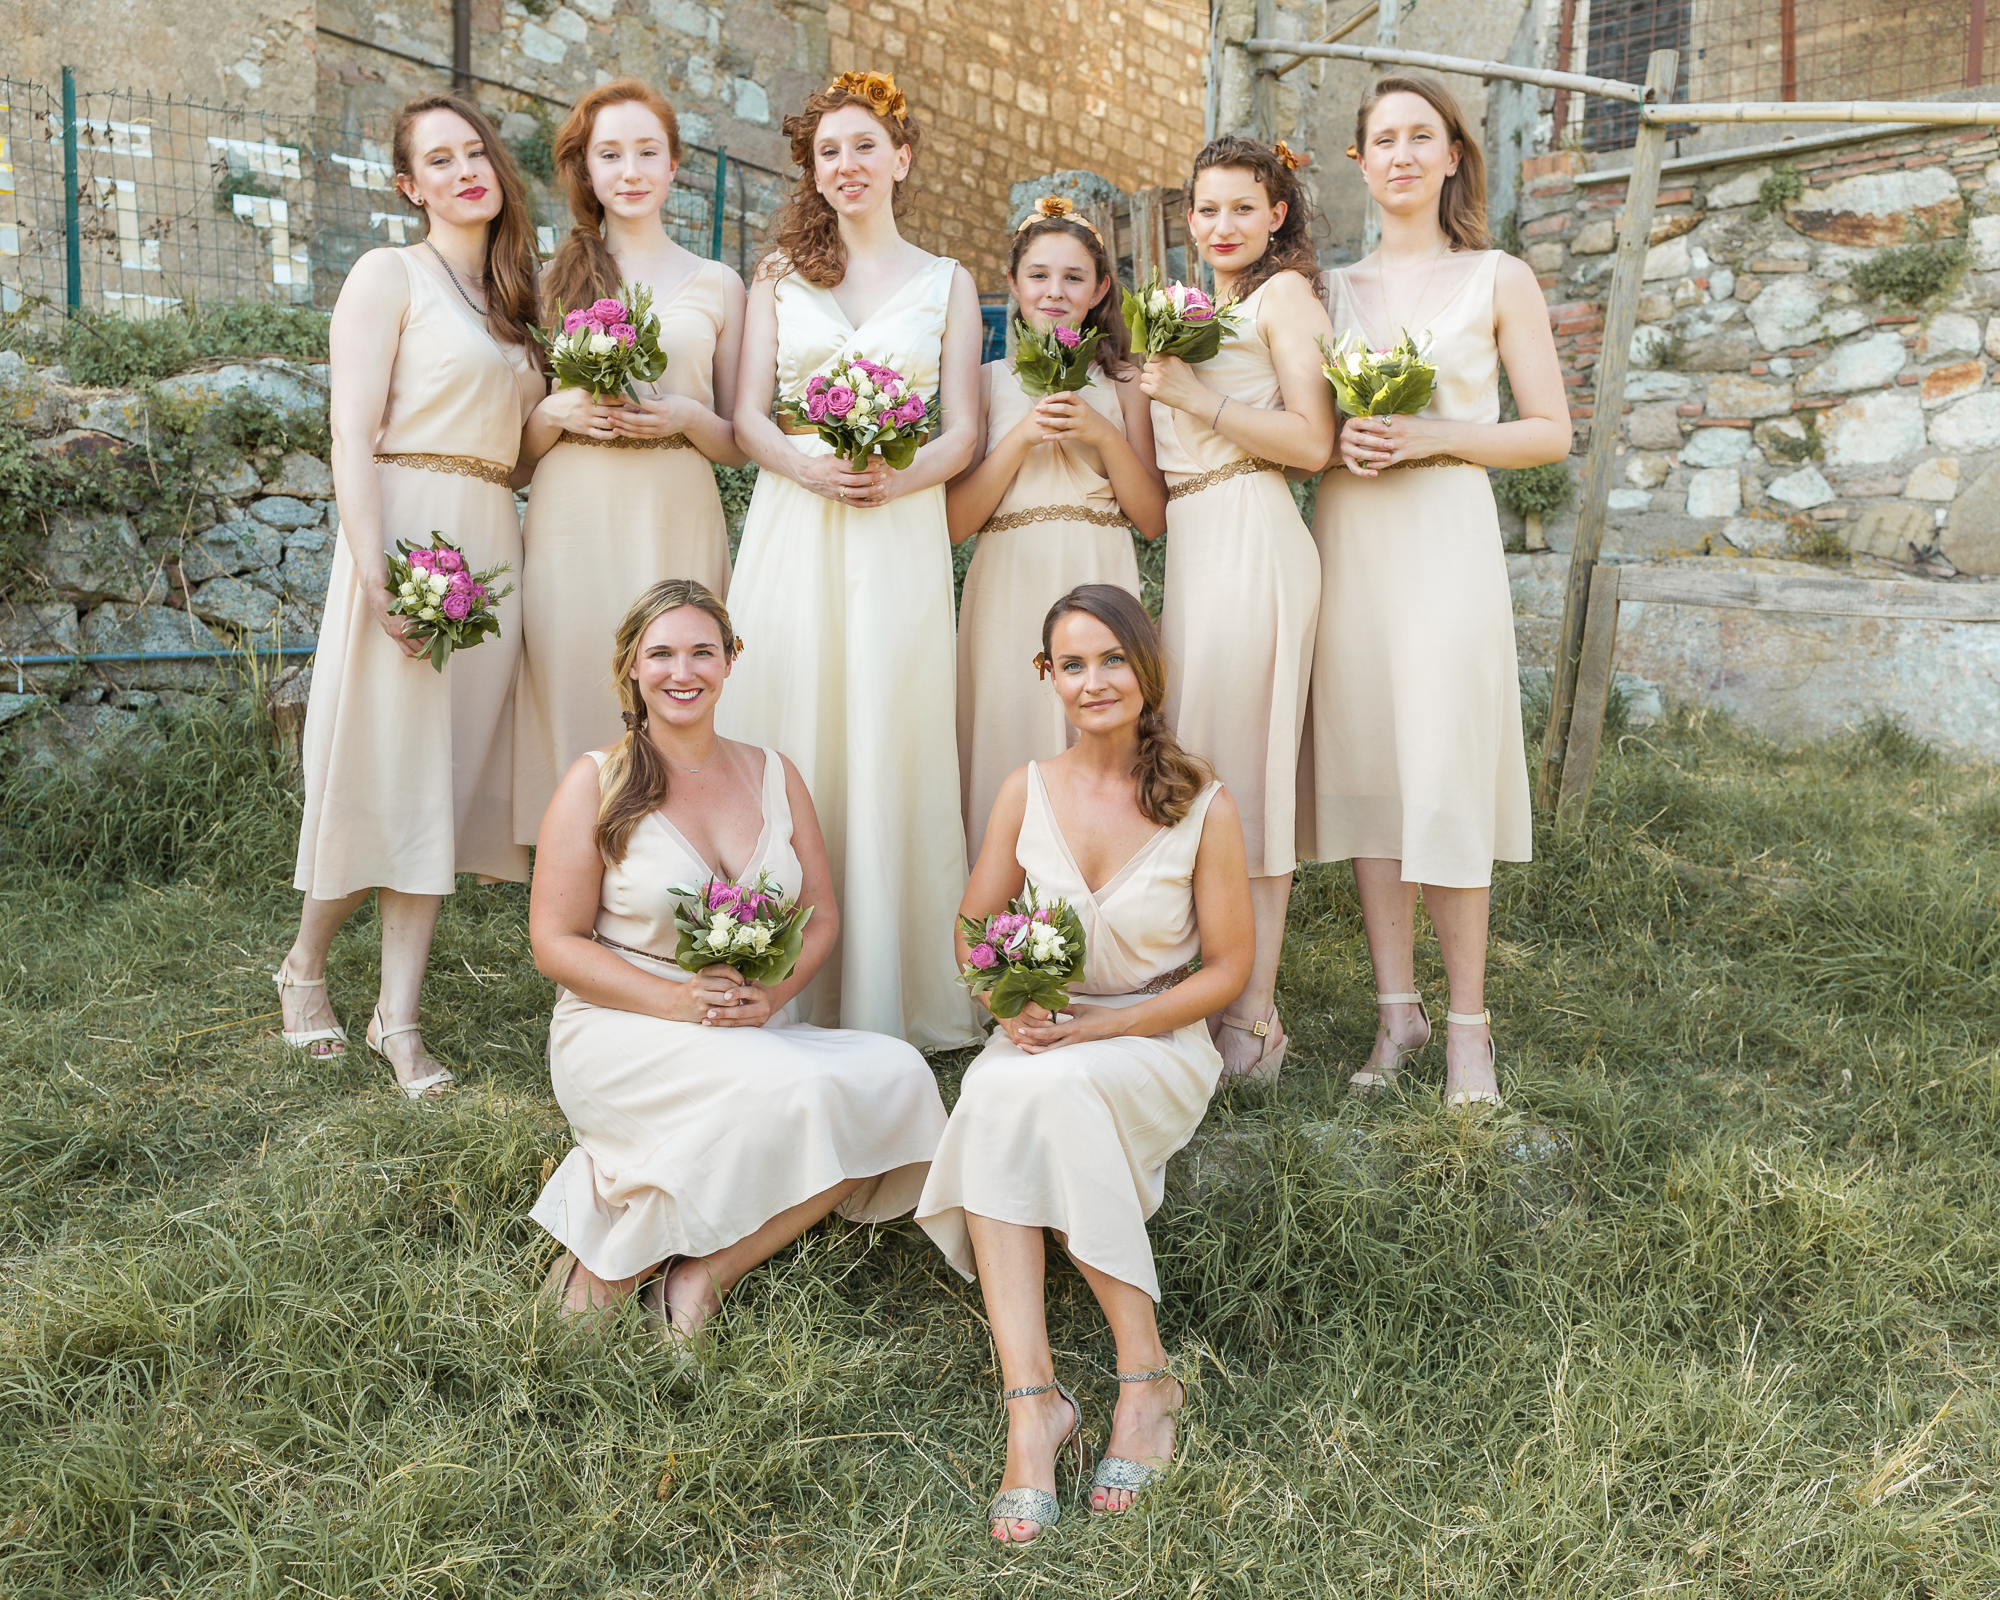 wedding photography groups (13 of 45).jpg